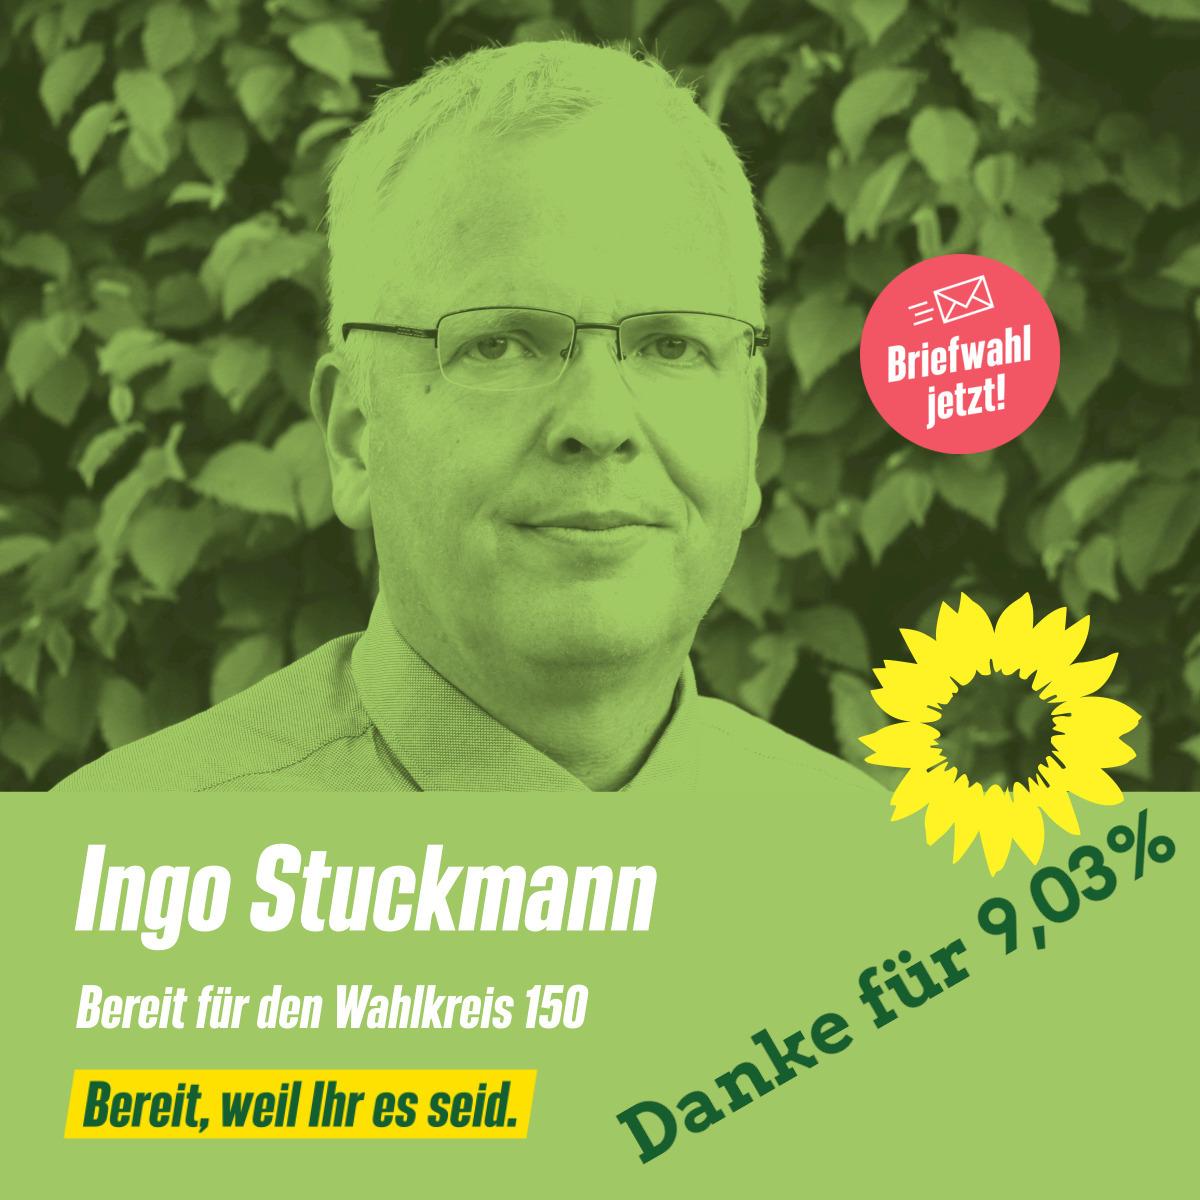 Ingo Stuckmann, BTW-Kandidat 2021 für den Wahlkreis 150